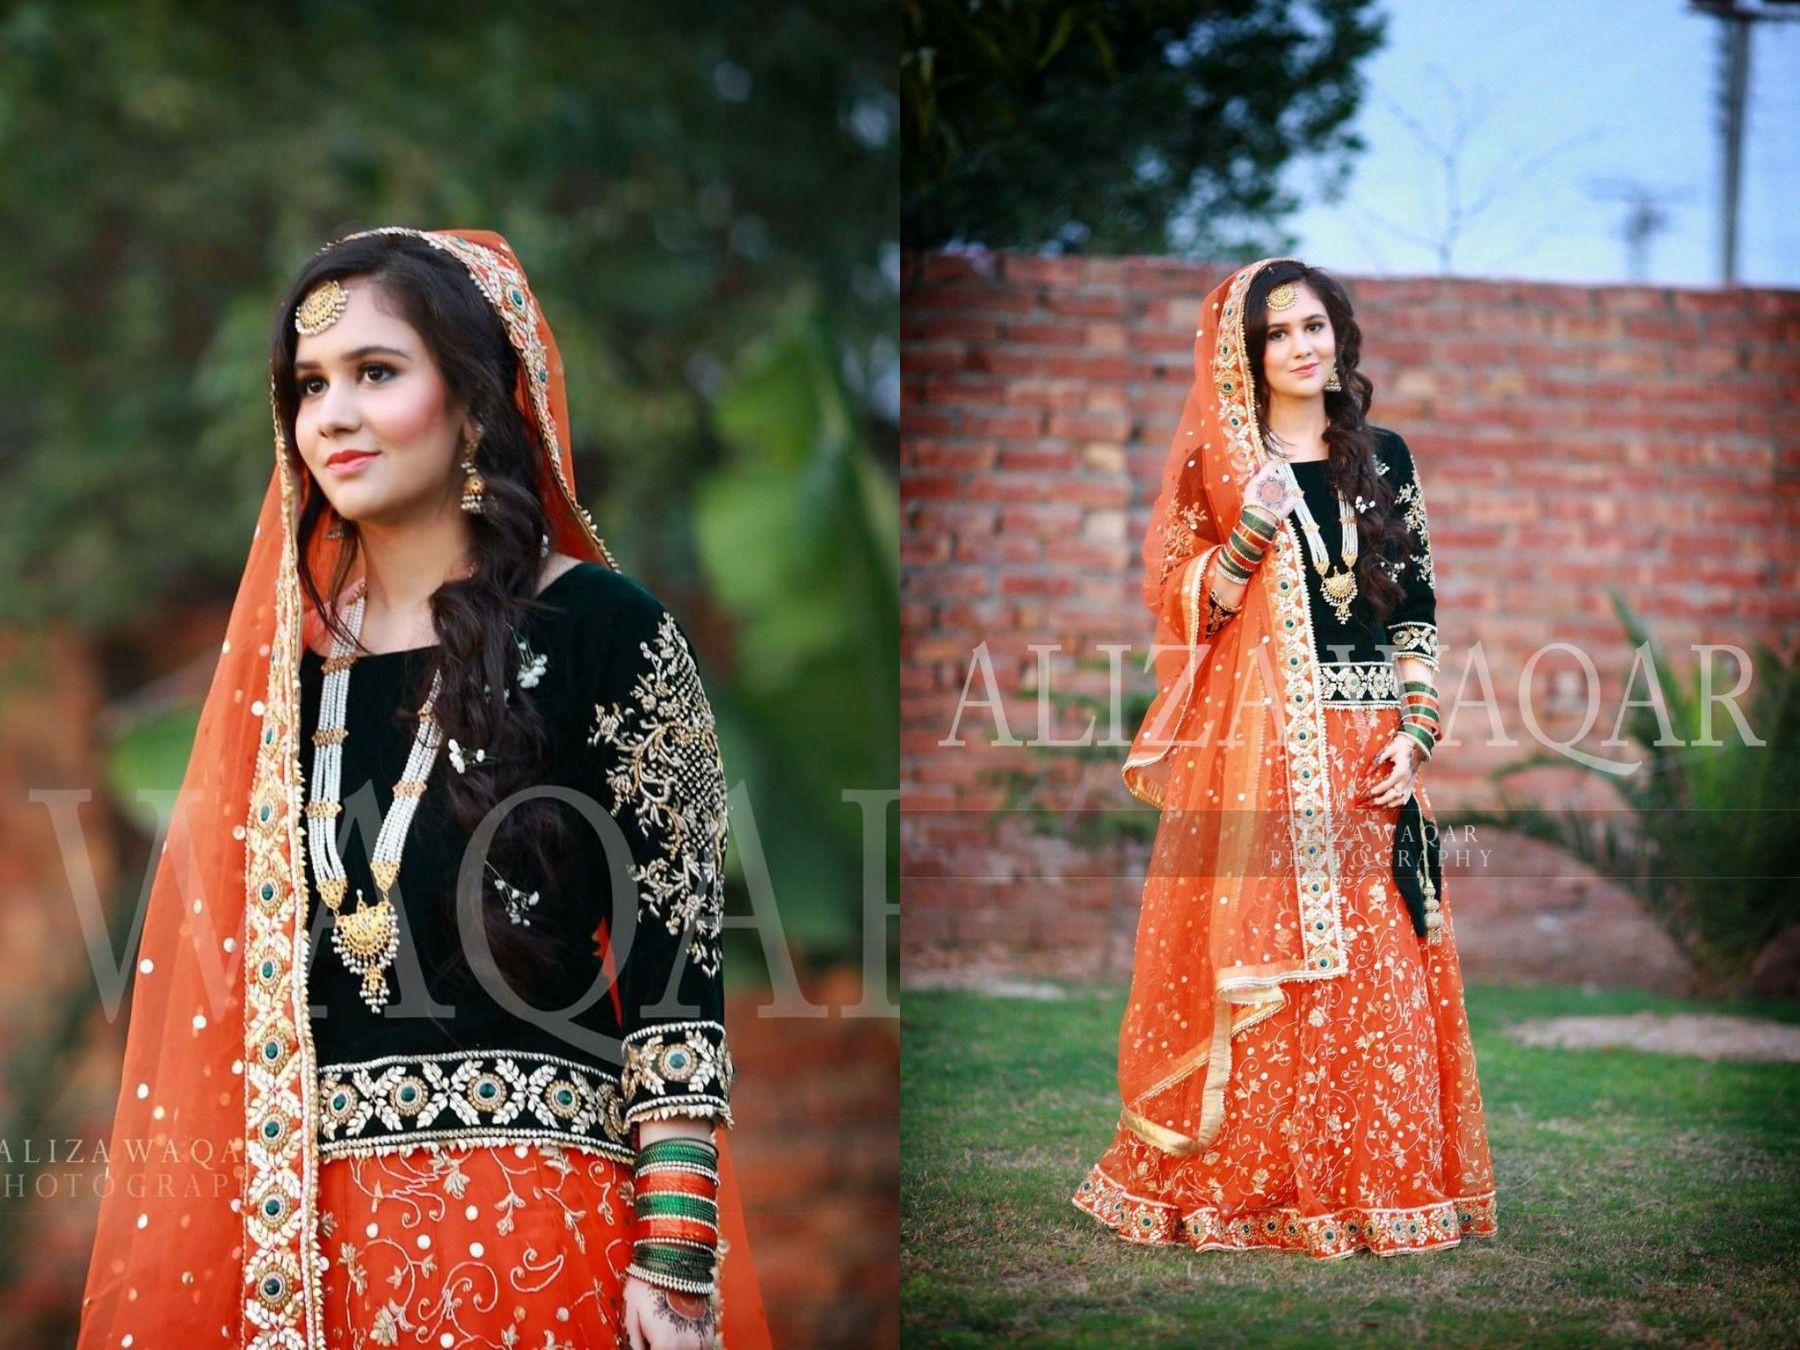 Photography by Aliza waqar | Bridal wear | Wedding hijab